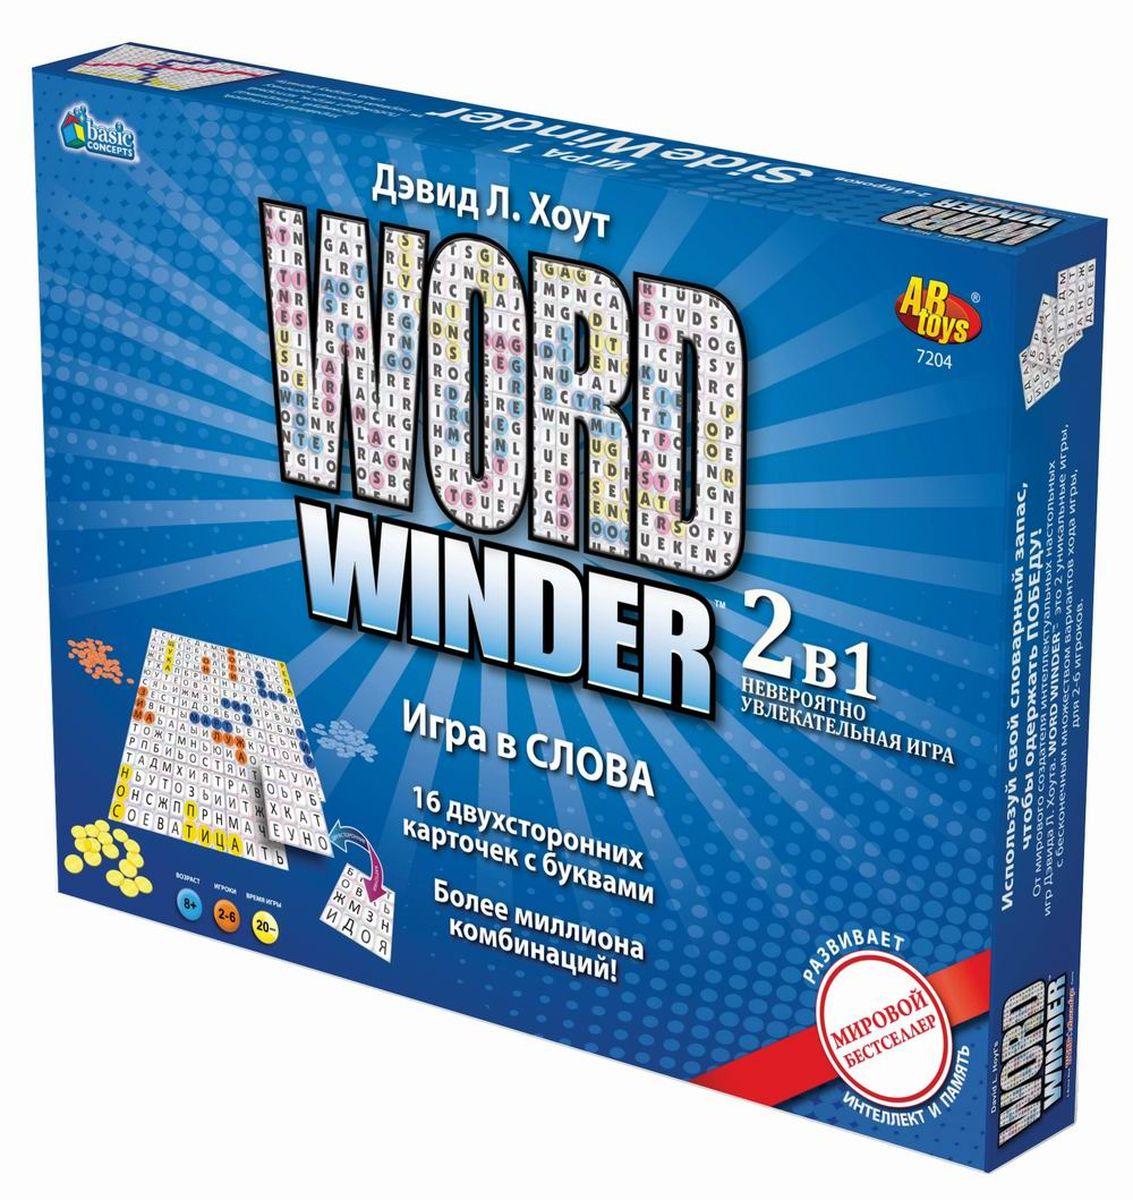 Basic Concept Настольная игра Word Winder7204Настольные игры в слова – это довольно распространенное развлечение в наши дни. В детстве многие дети играли в «Эрудит»,но сейчас в продажу вышла абсолютная новинка - настольная игра в слова Word Winder. Интеллектуальная игра Word Winder поможет развить: - Логическое мышление, - Сообразительность, - Воображение, - Способность к коллективному и индивидуальному мышлению.